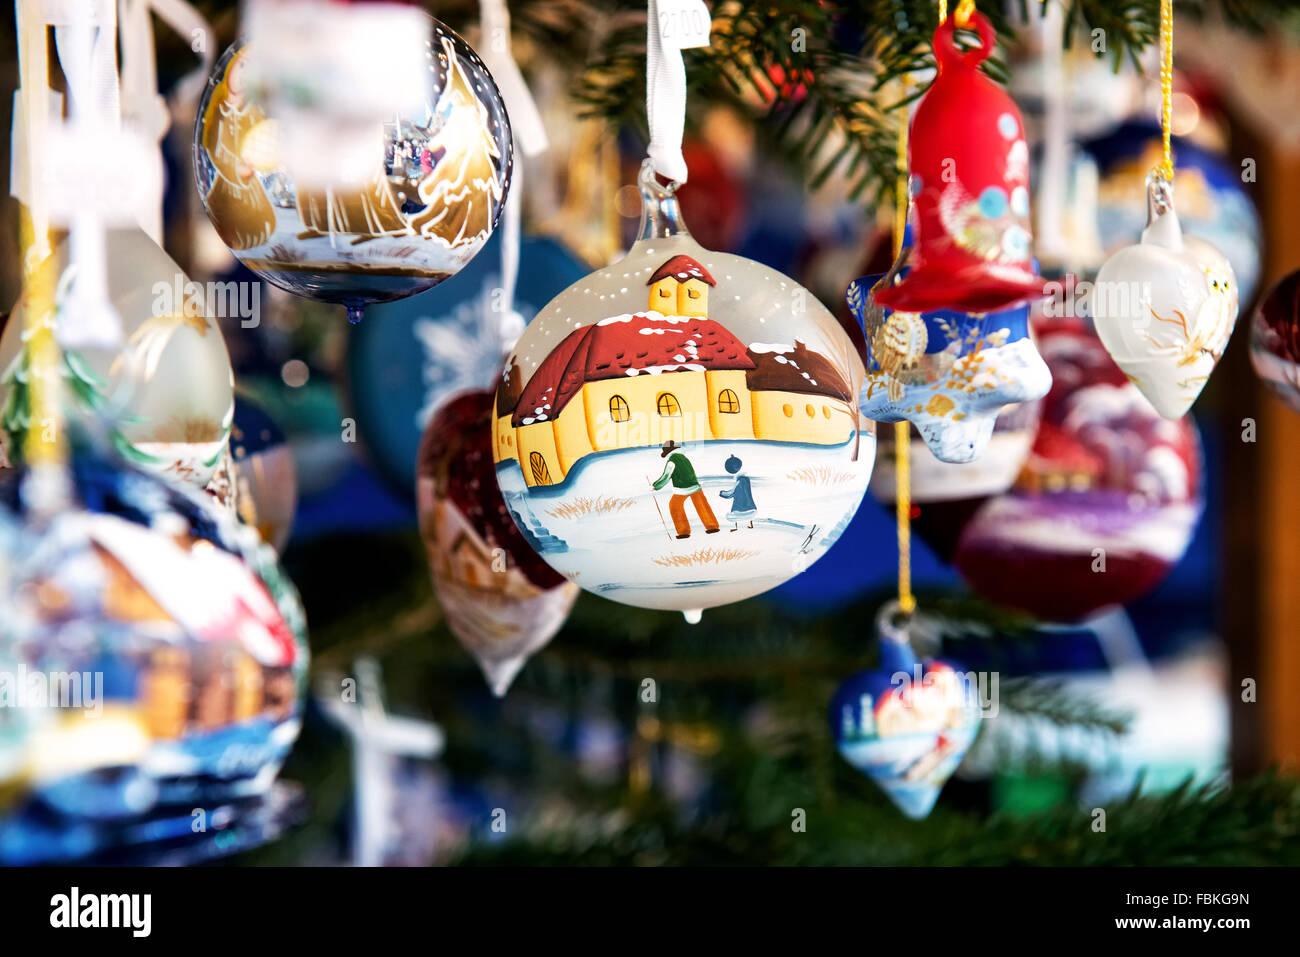 Dekorative Weihnachtskugel oder Ball zeigt eine Winterszene hängen durch ein Band in einem Markt anzeigen mit Stockbild